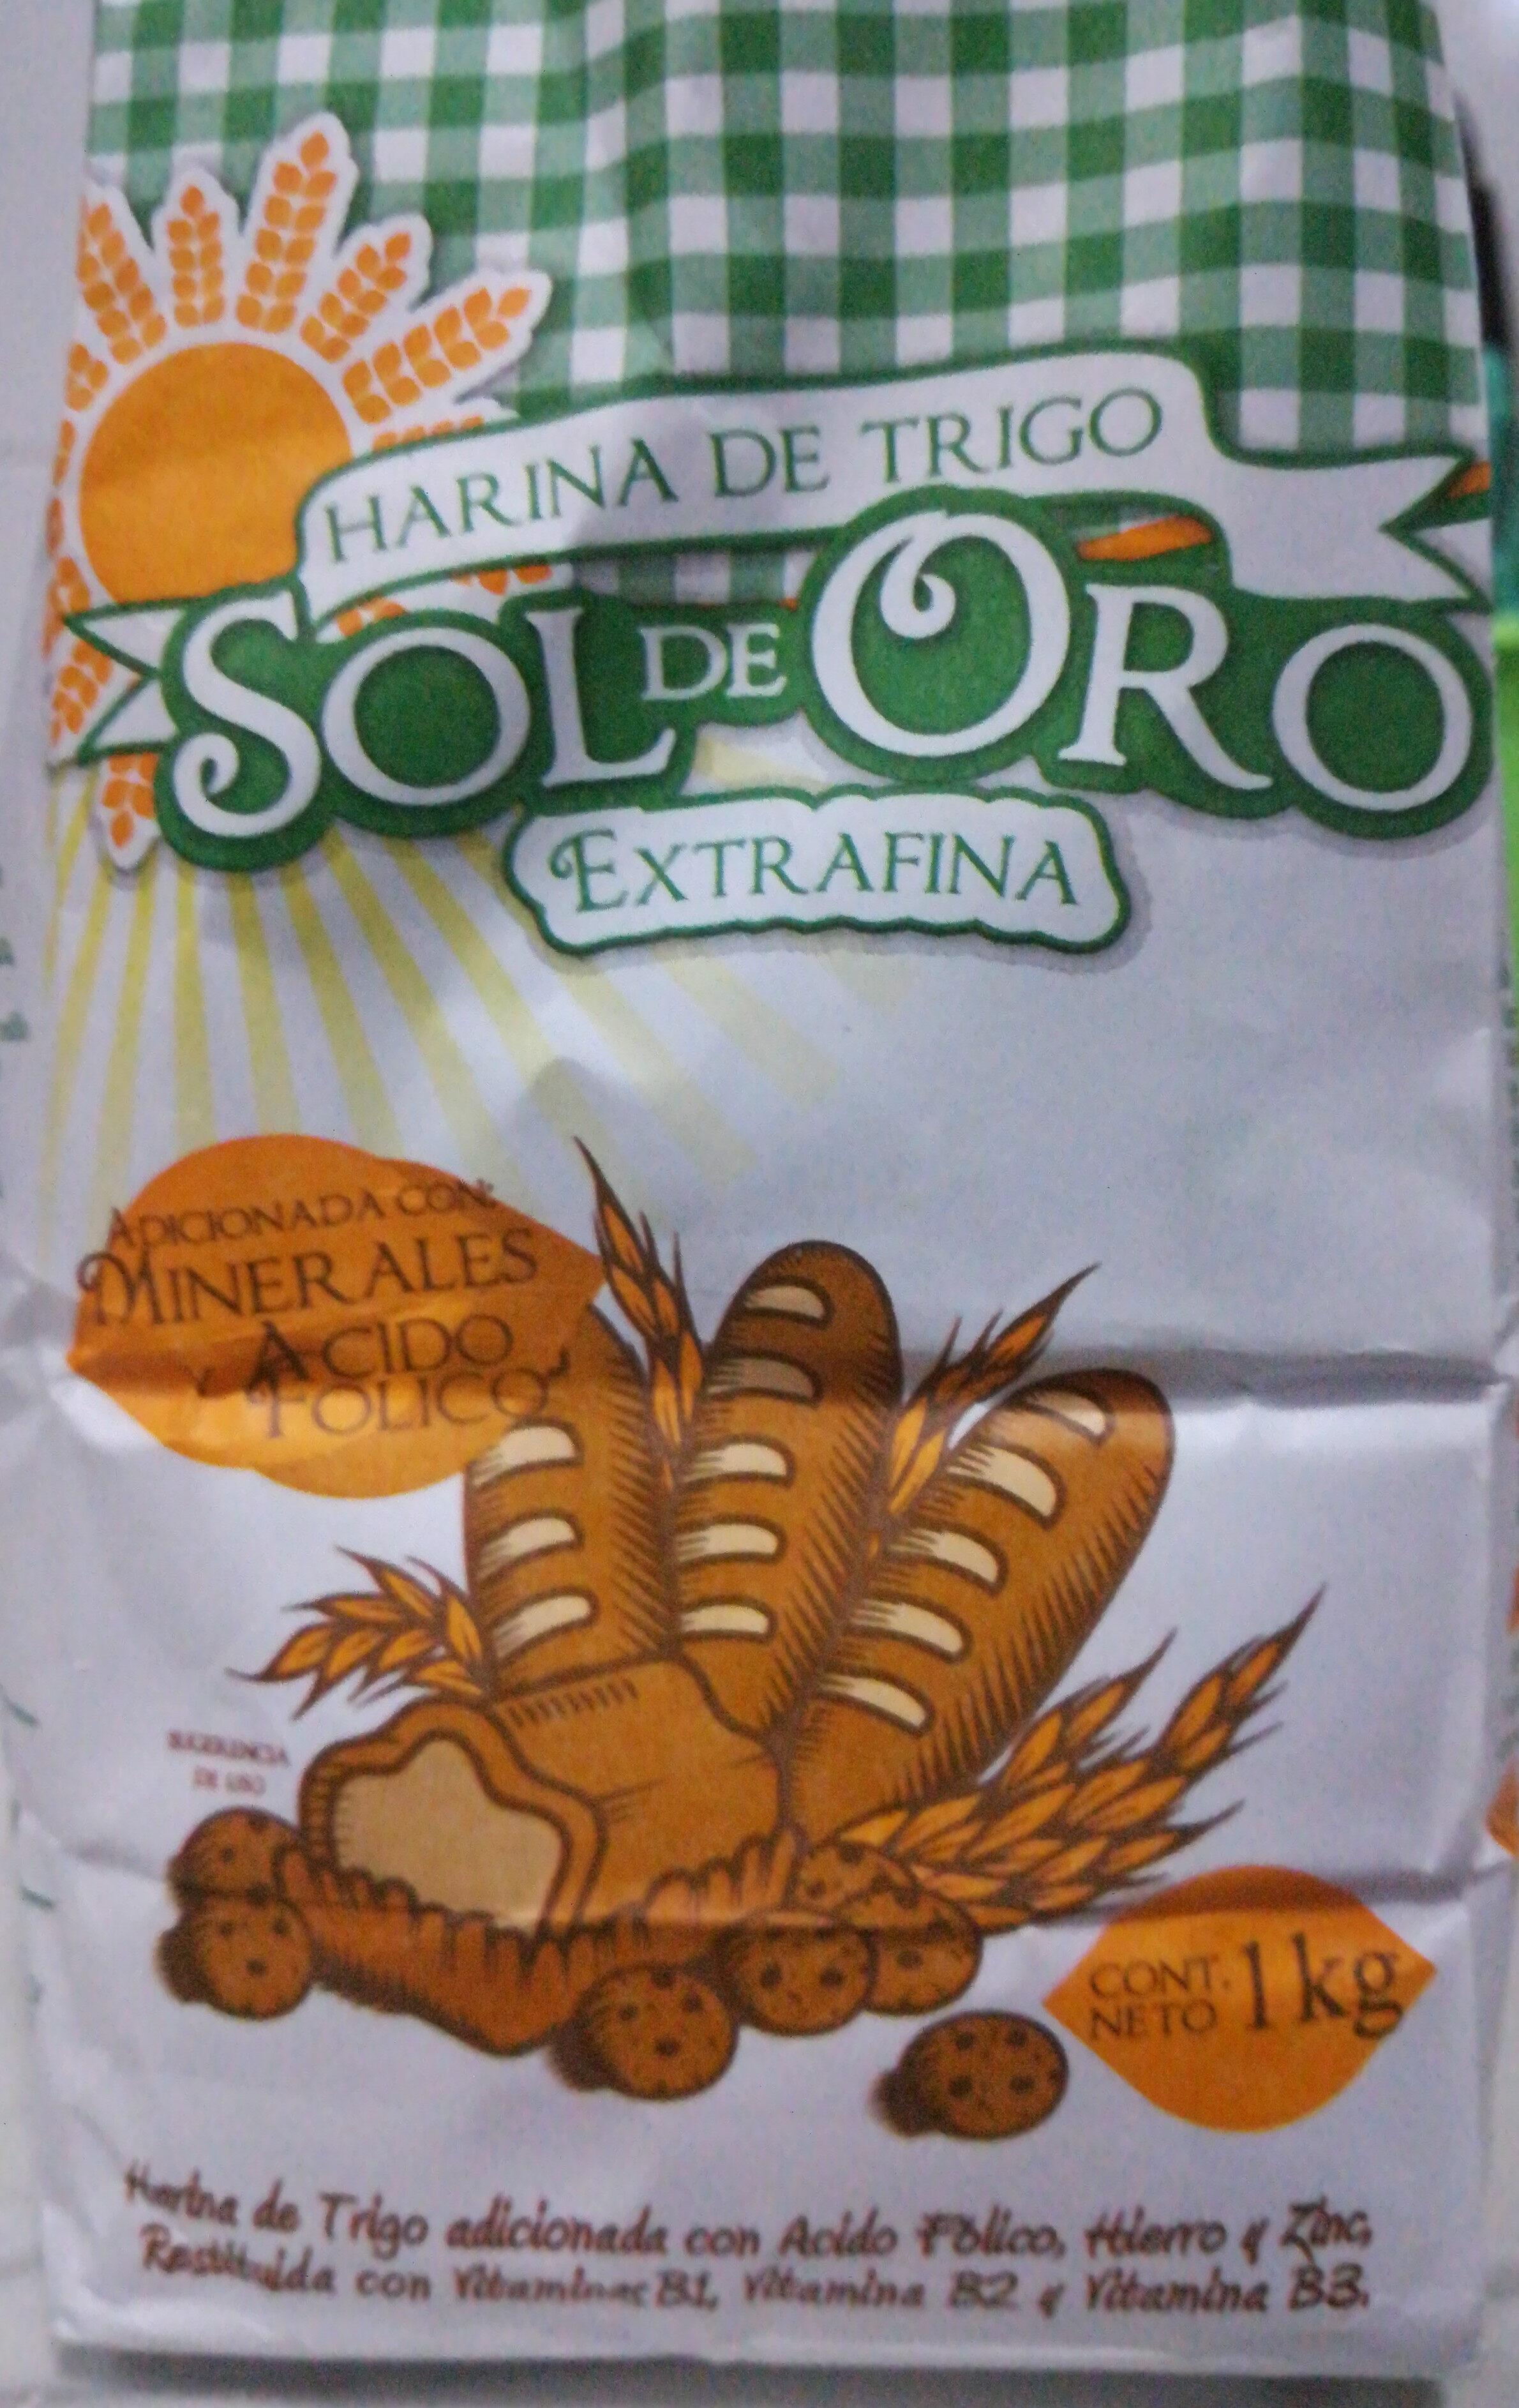 harina de trigo Sol de Oro Extrafina - Product - es